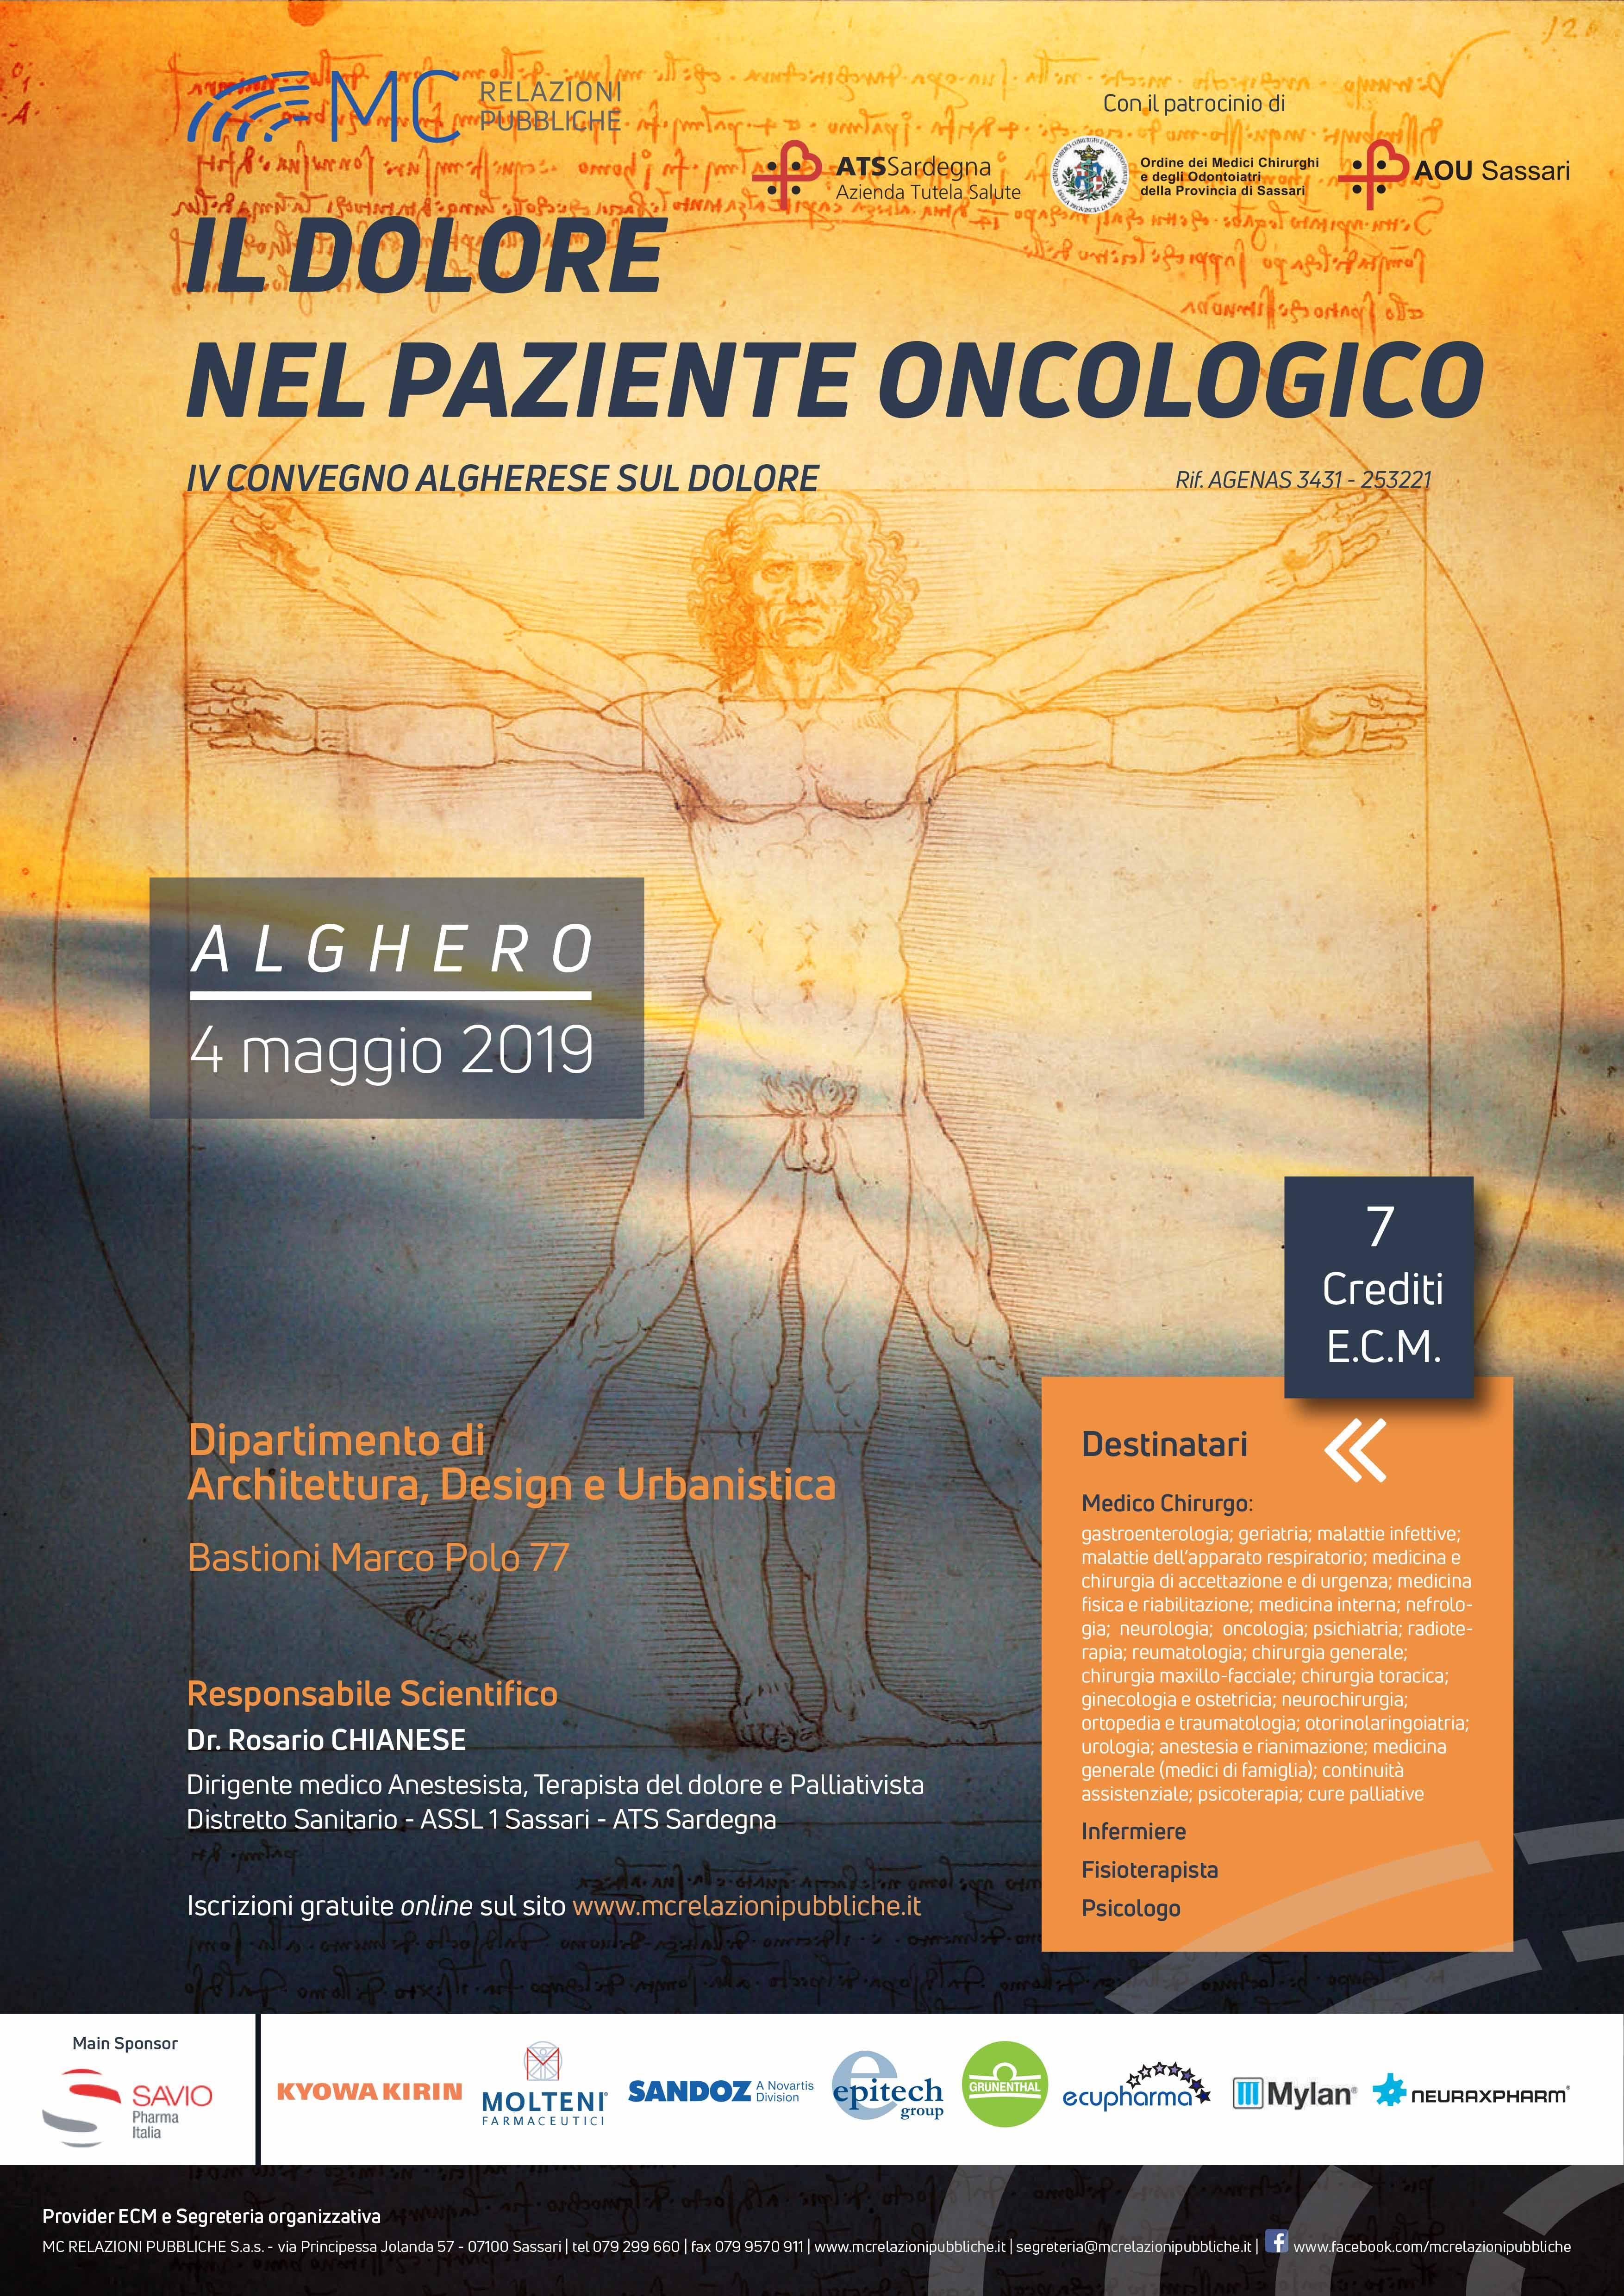 Il dolore nel paziente oncologico